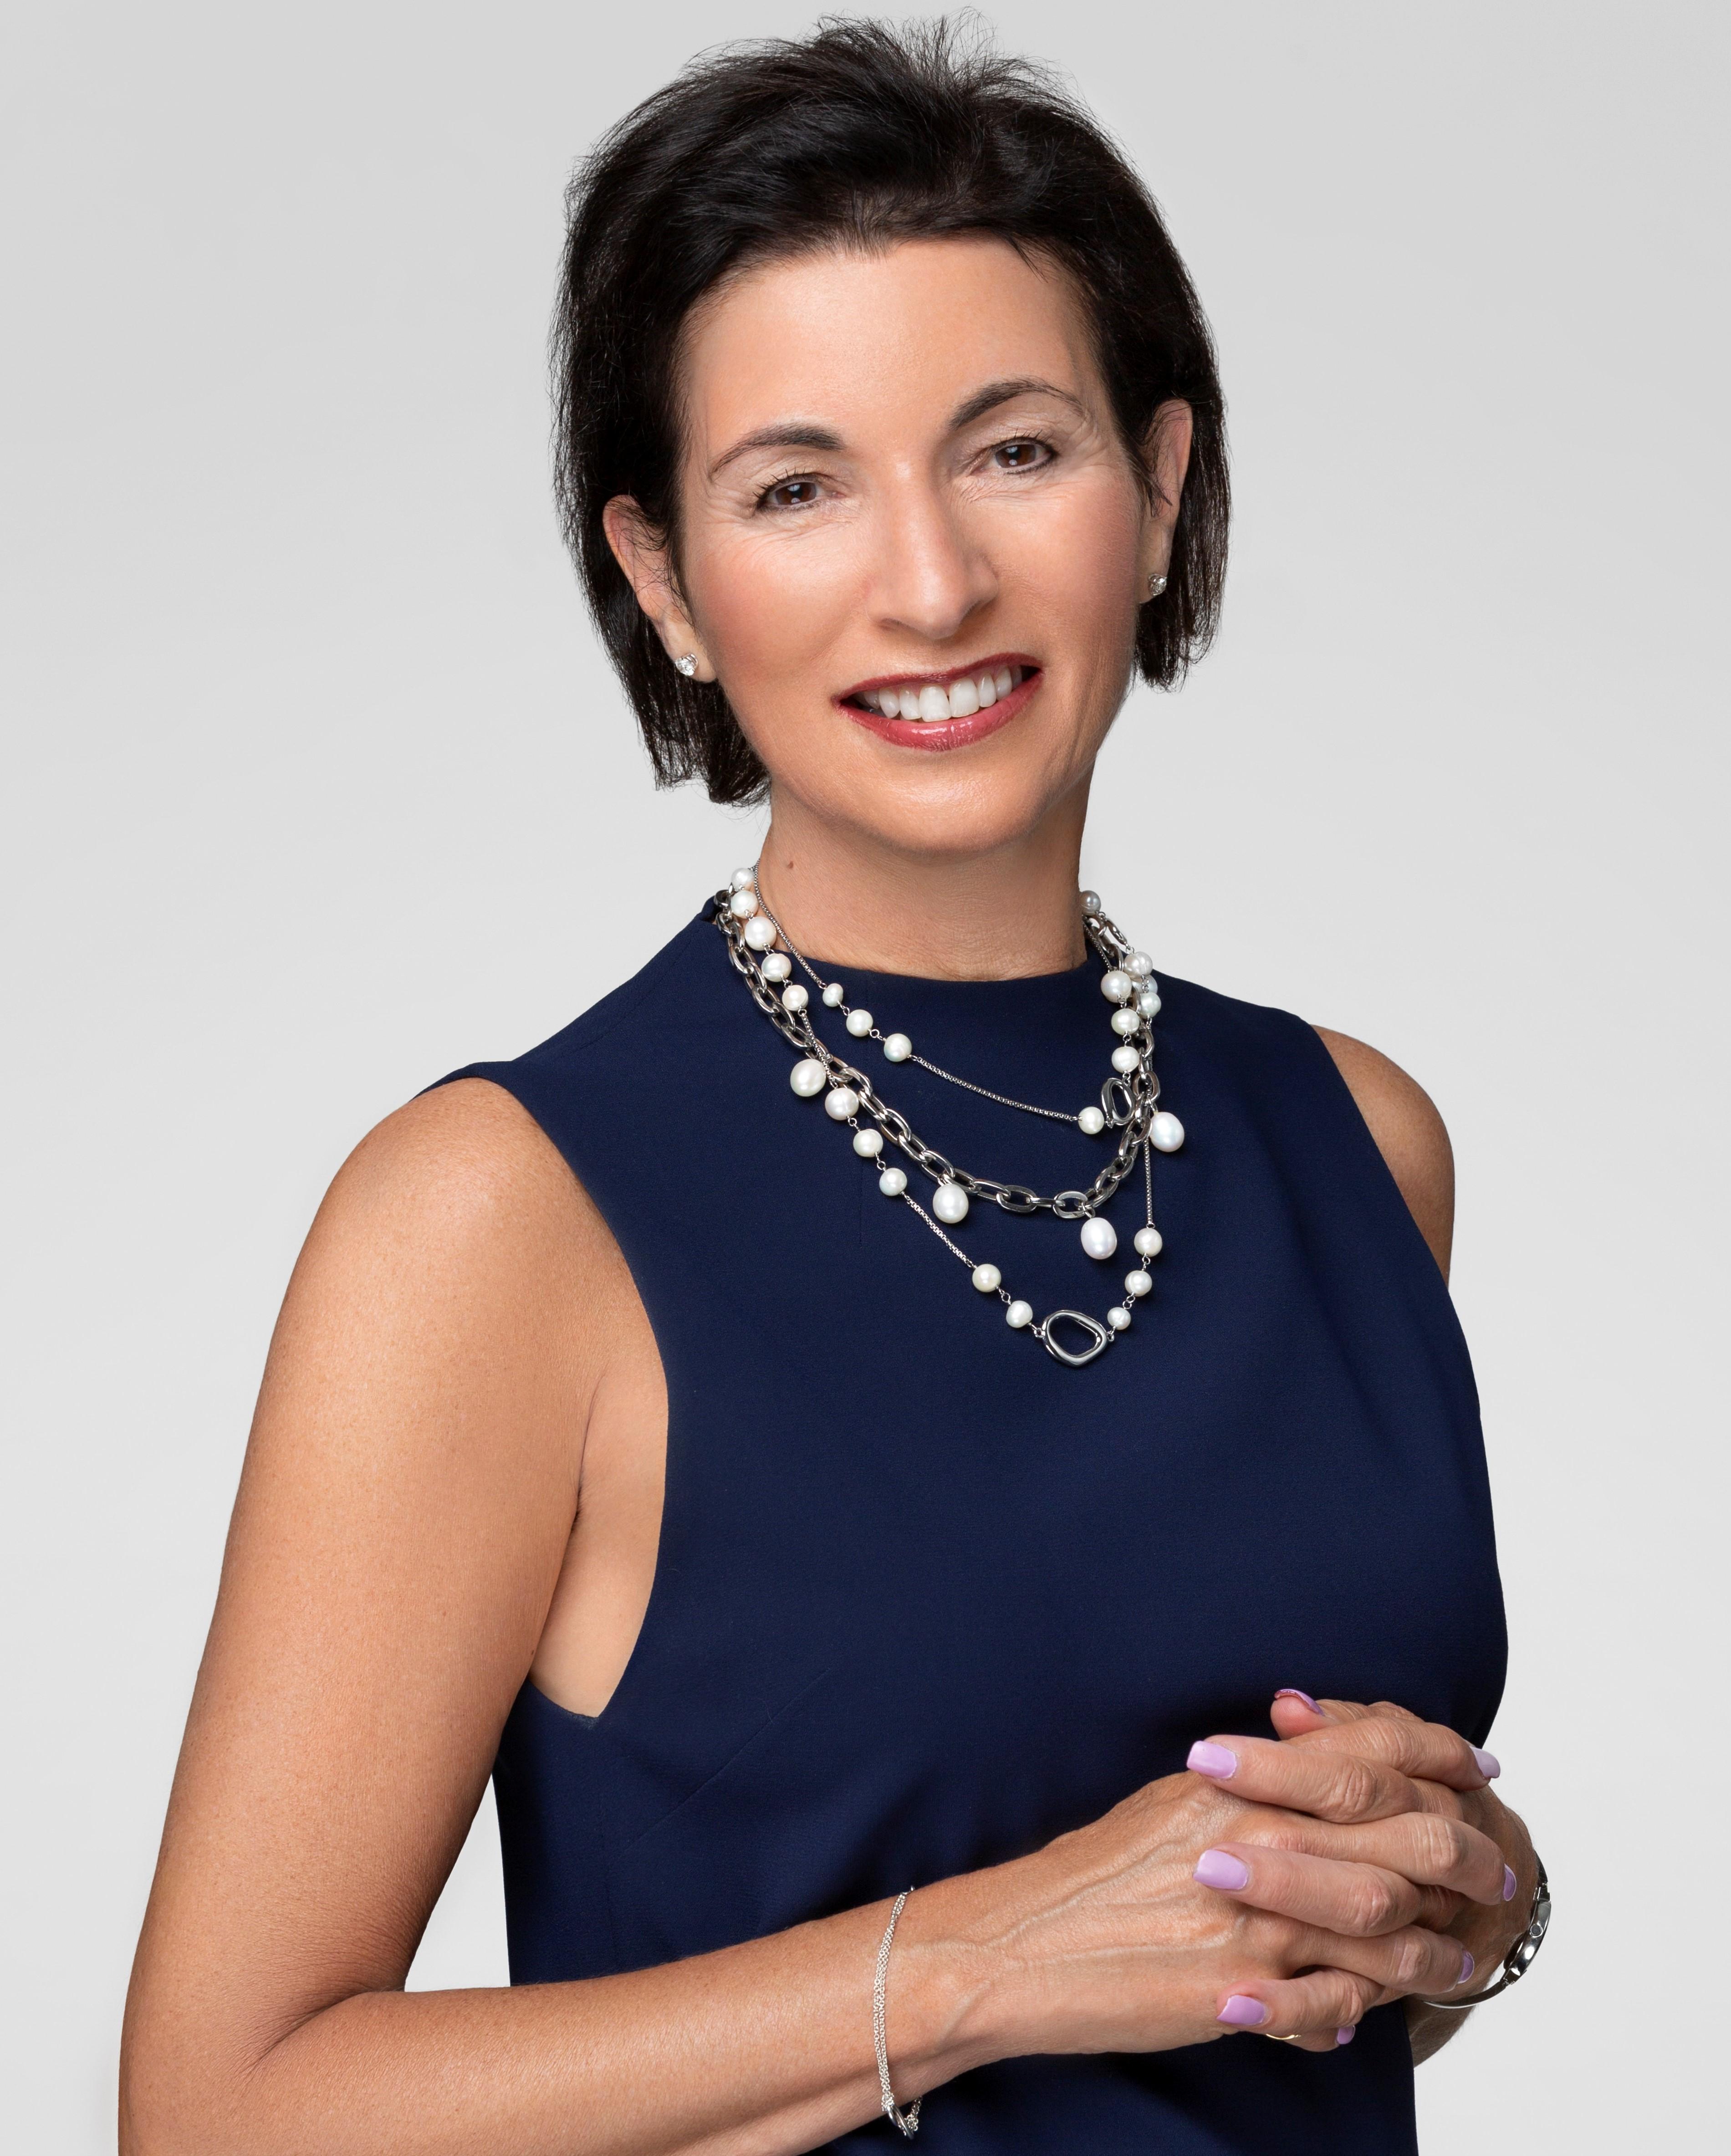 Sharon Kornstein, AICI, CIP